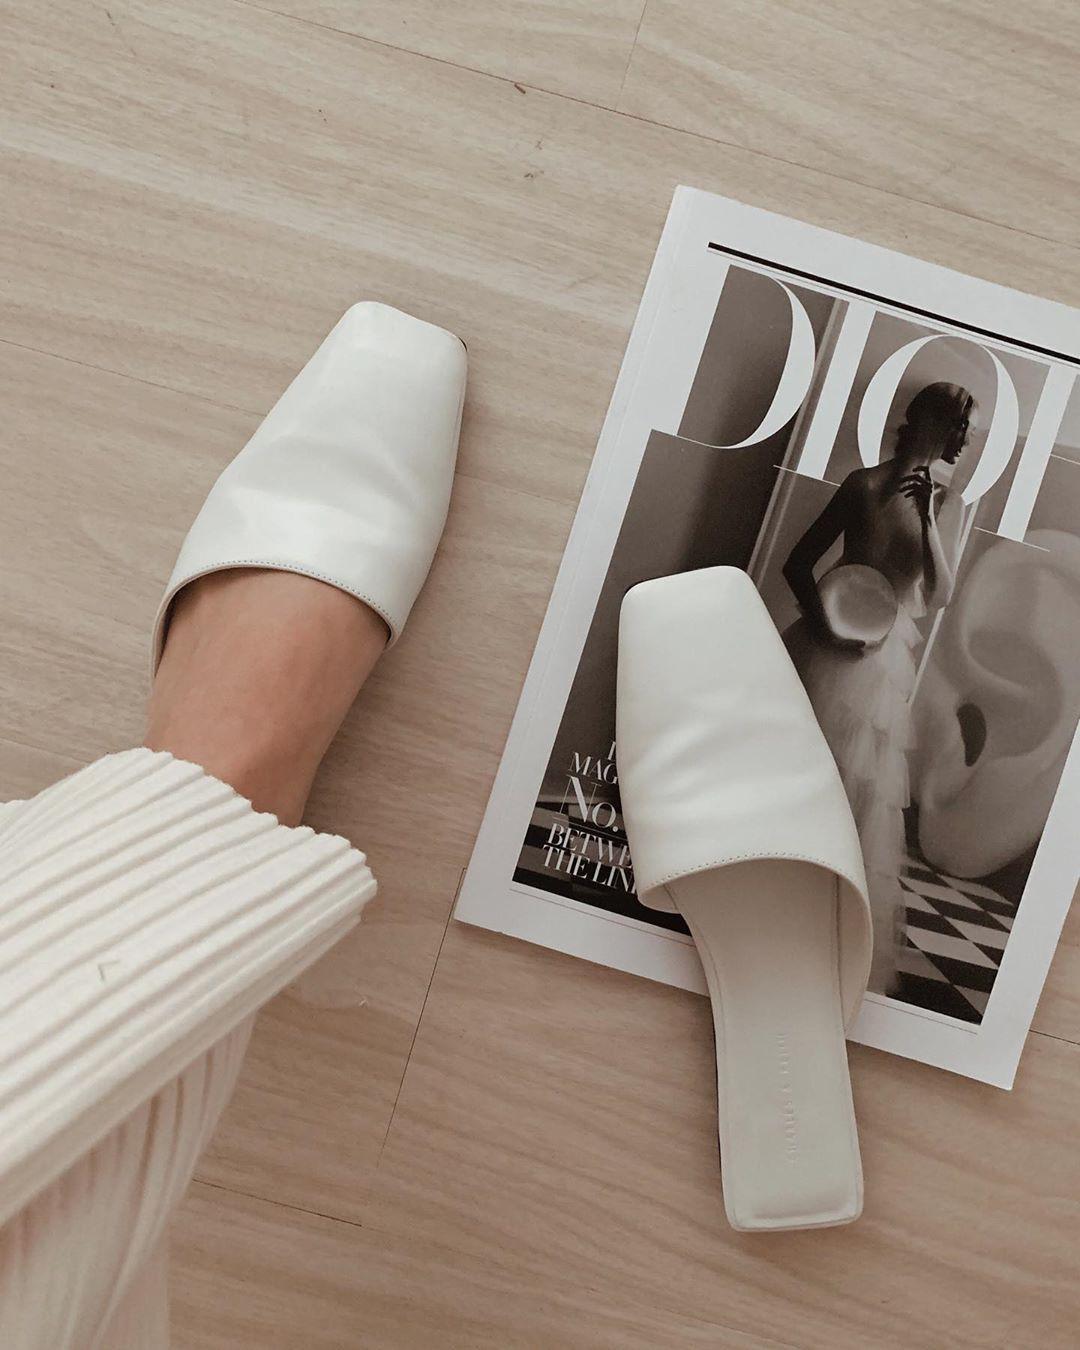 Tạm quên giày cao gót đi, dáng bạn vẫn sẽ cao ráo và phong cách thì đậm chất công sở với 4 kiểu giày bệt này-10